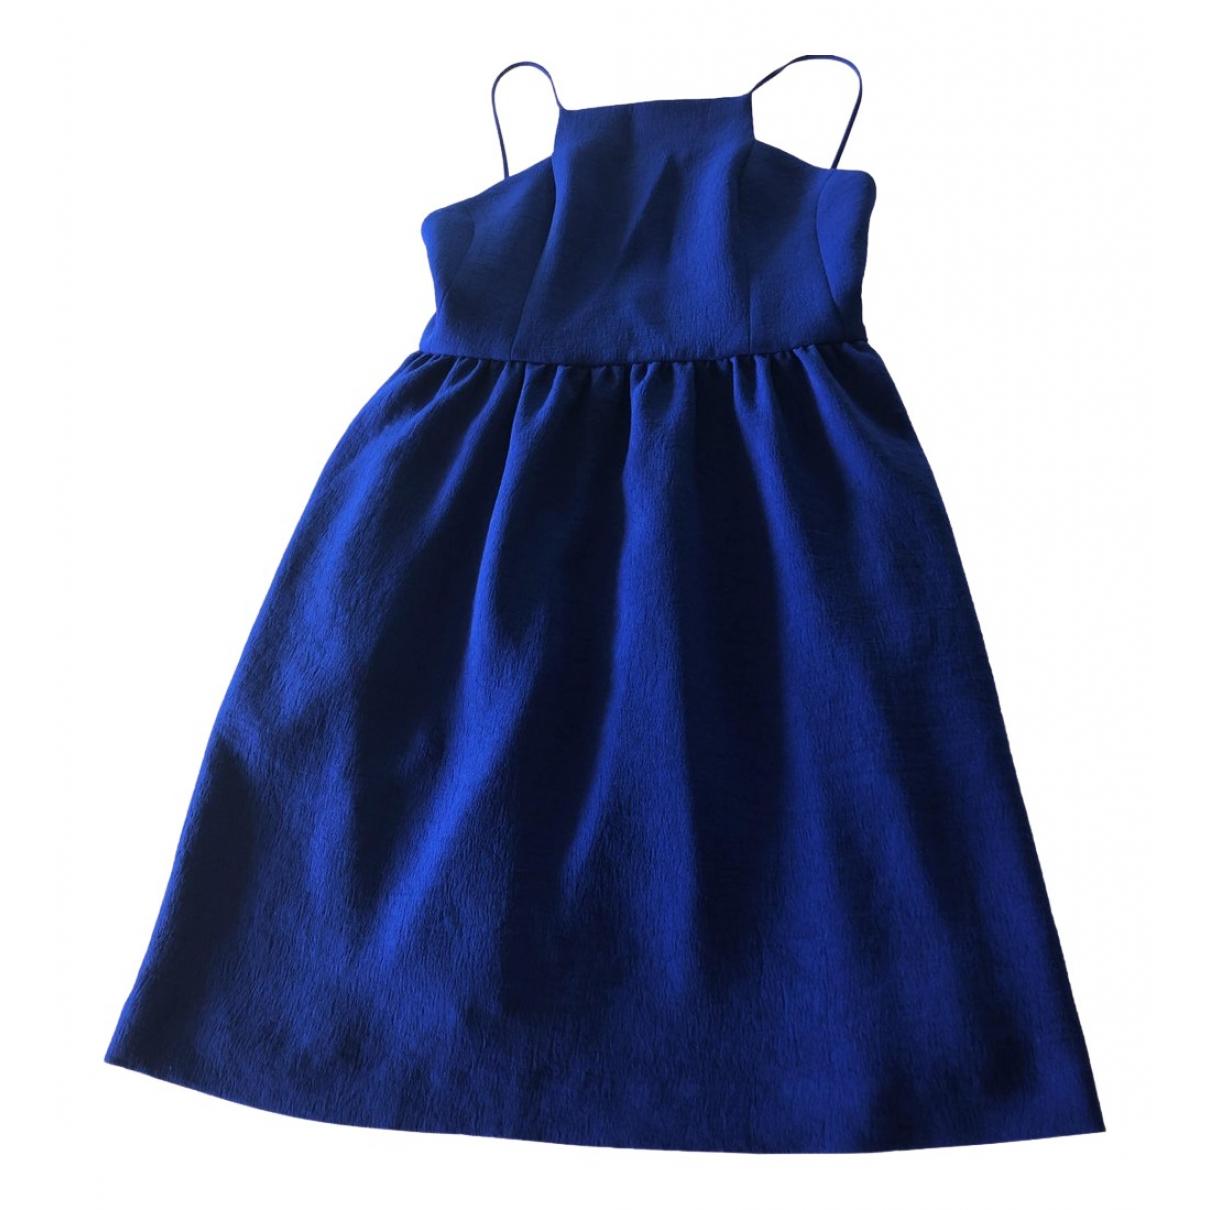 Ba&sh \N Kleid in  Blau Polyester